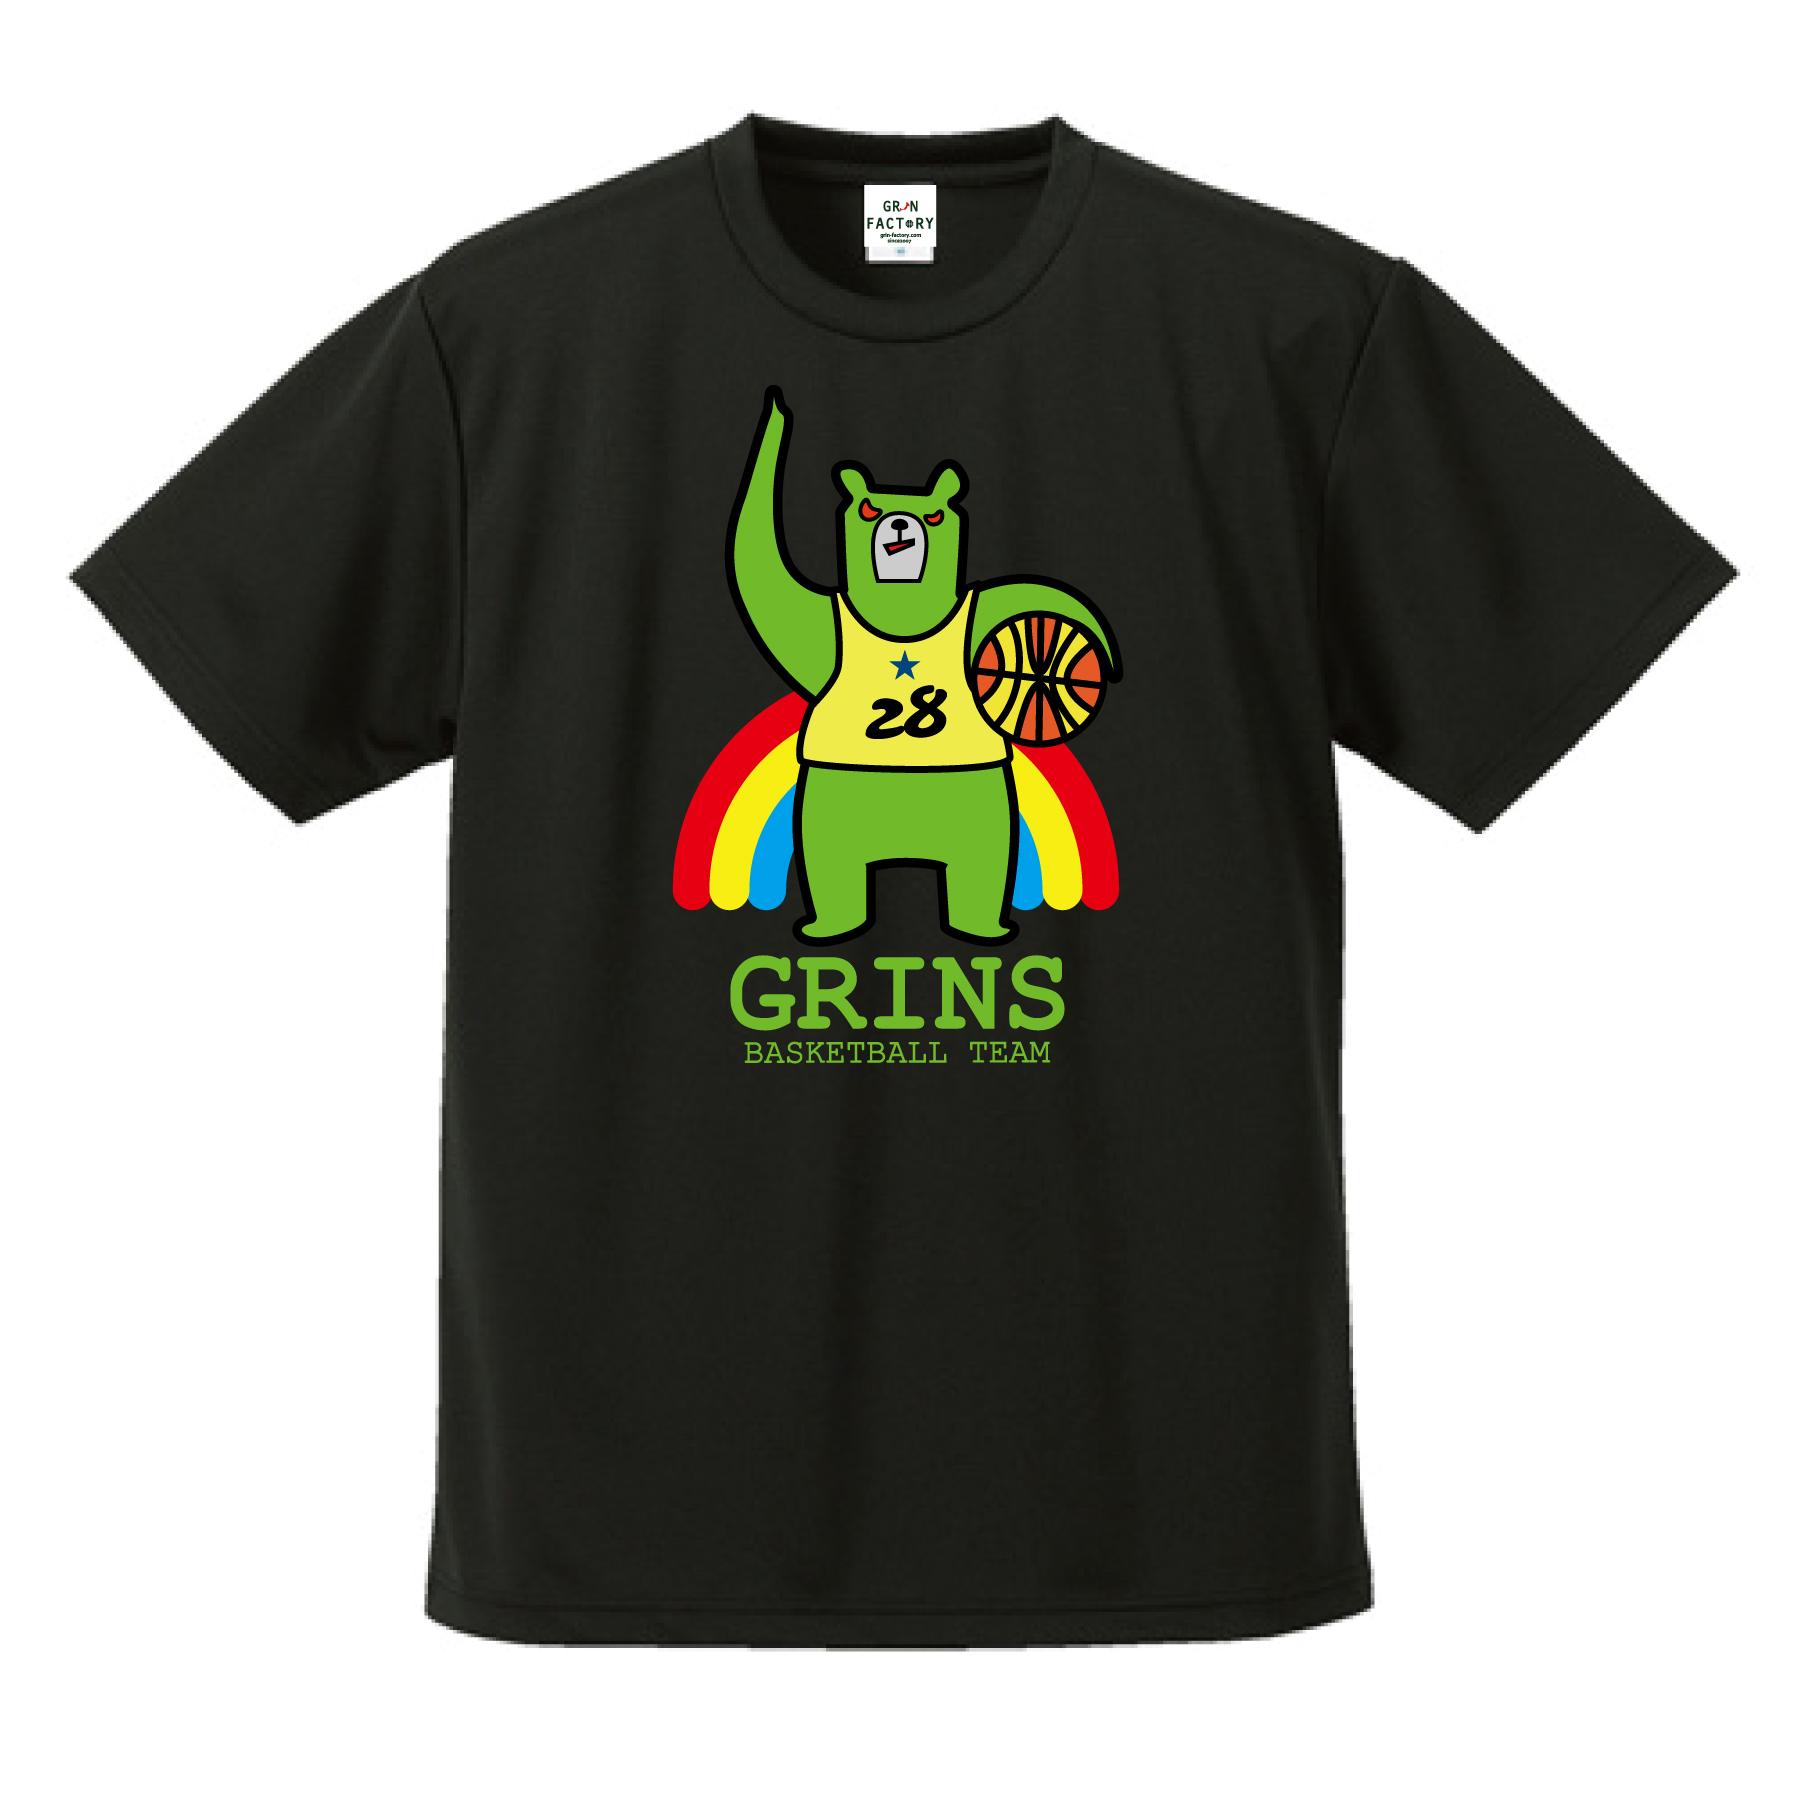 新作バスケウェアランキング1位「グリンベア:緑ま!」Tシャツ